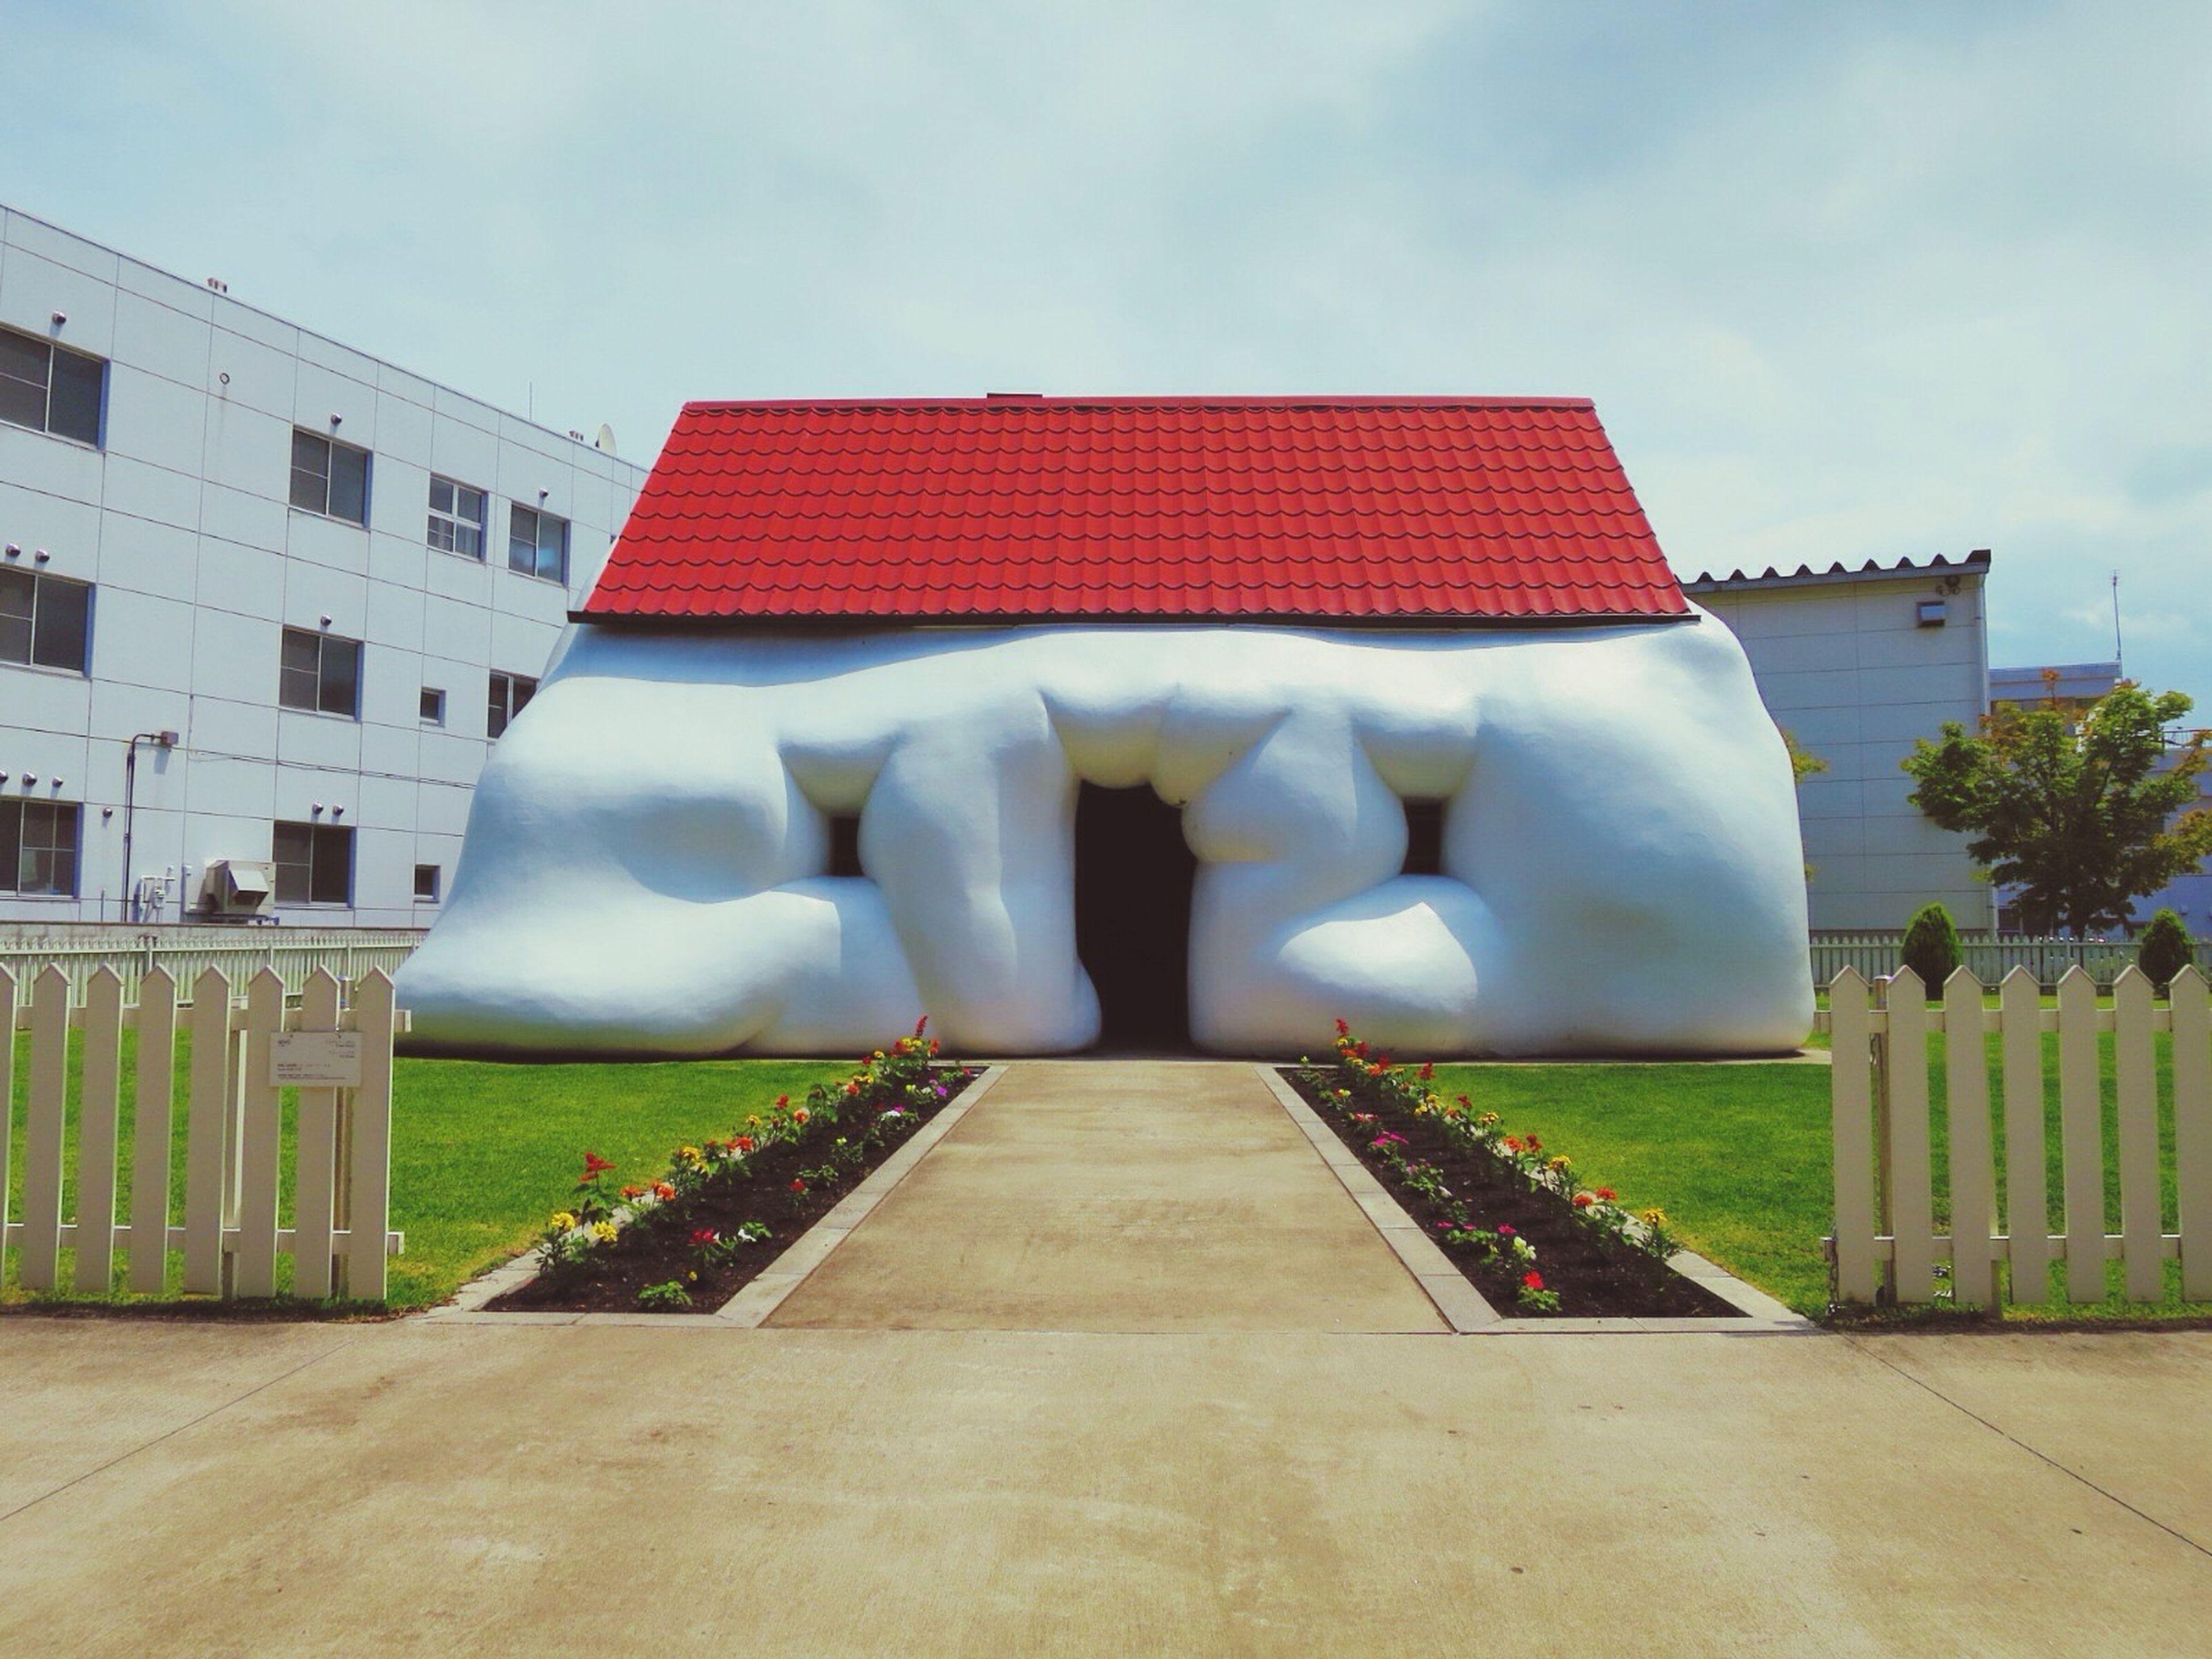 Fathouse Public Art